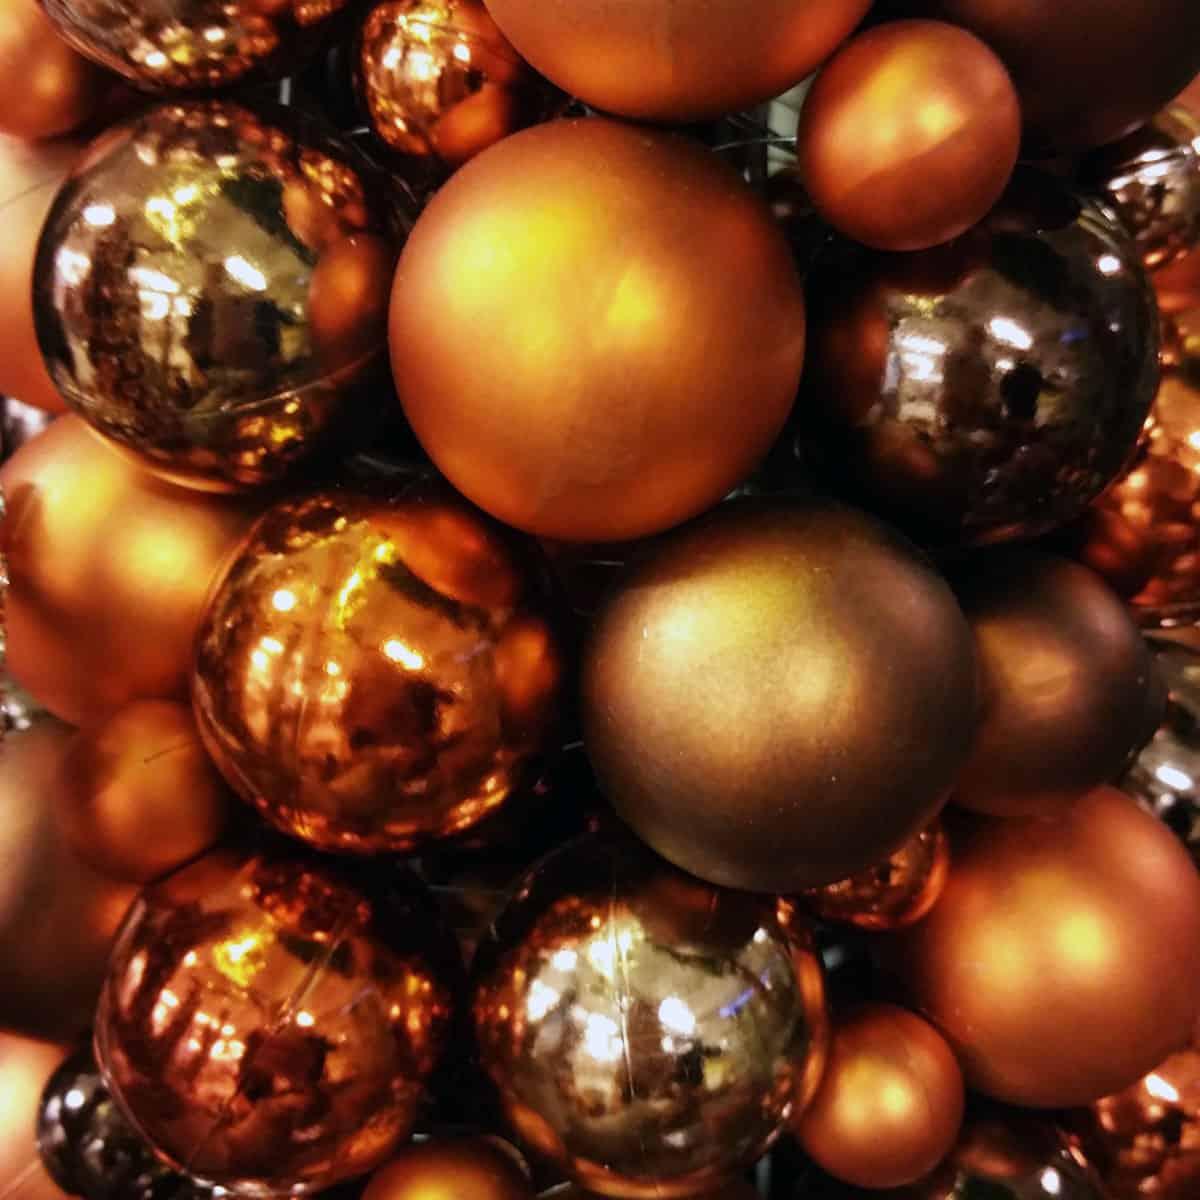 Christbaumkugeln Schwarz Gold.Christbaumkugeln Schwarz Kupfer Neujahrsblog 2020